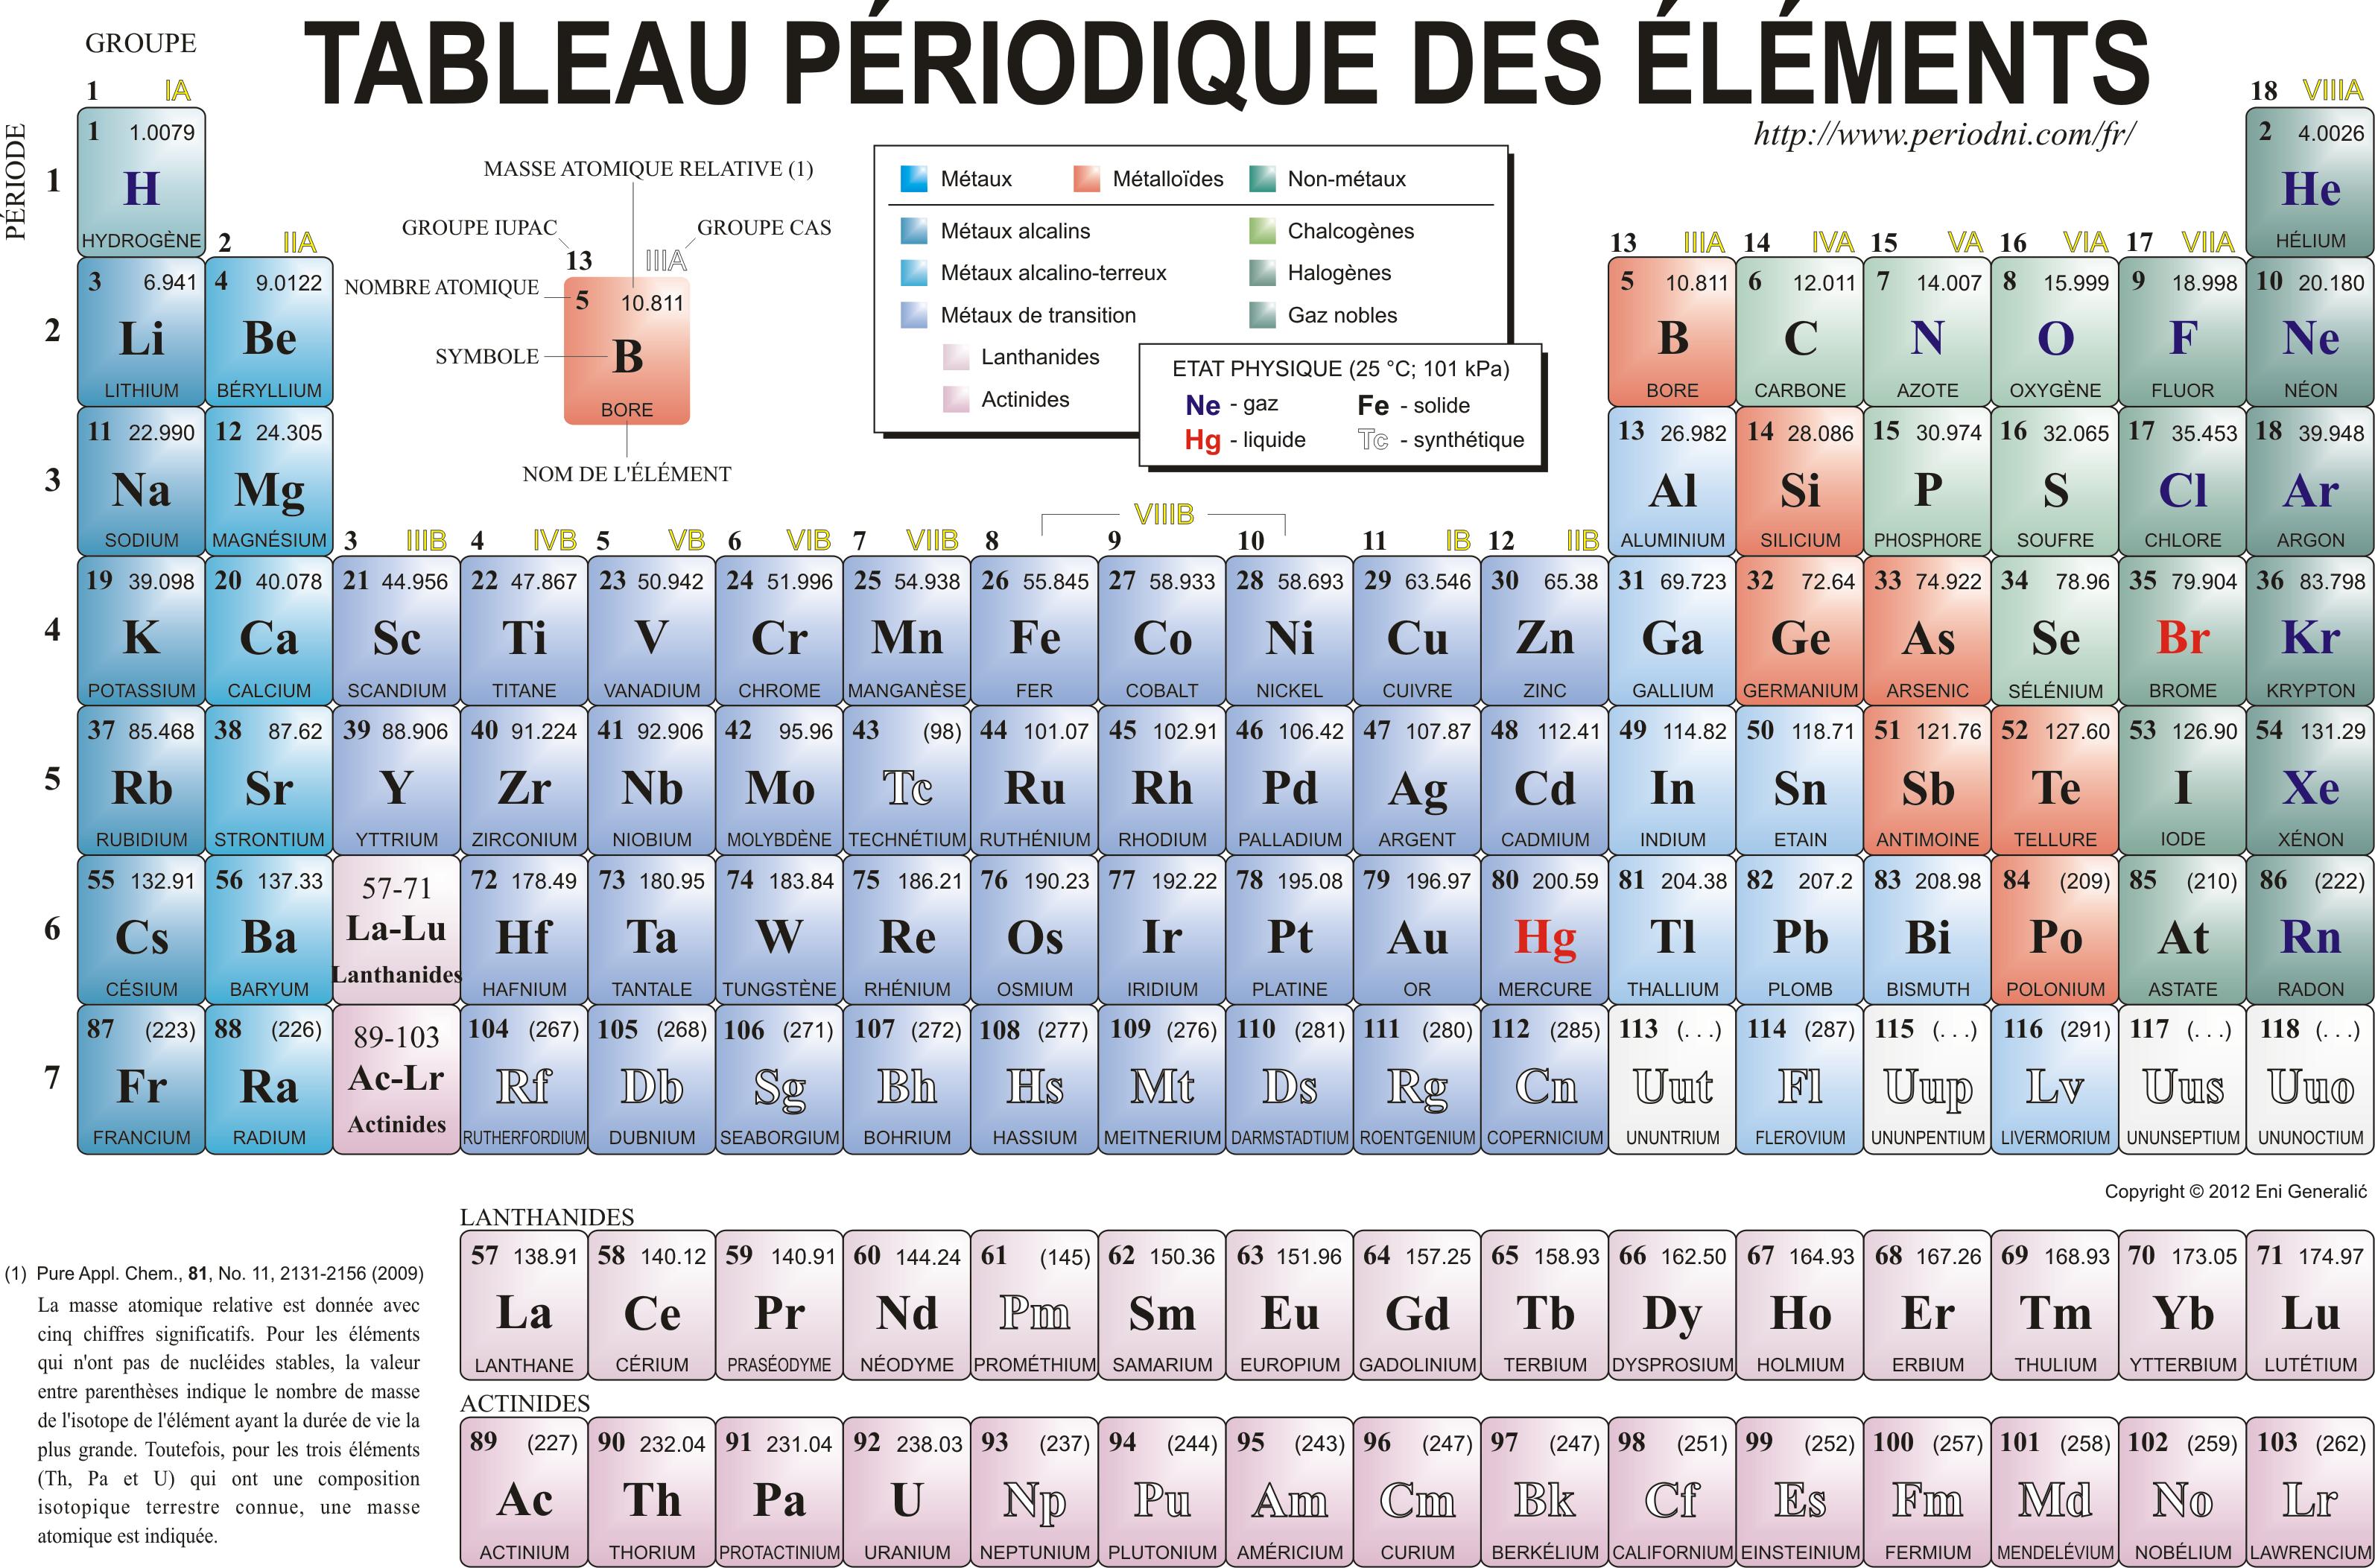 Quatre Nouveaux Elements Chimiques Decouverts Le Tableau Periodique Est Desormais Com Tableau De Mendeleiev Tableau Periodique Tableau Periodique Des Elements